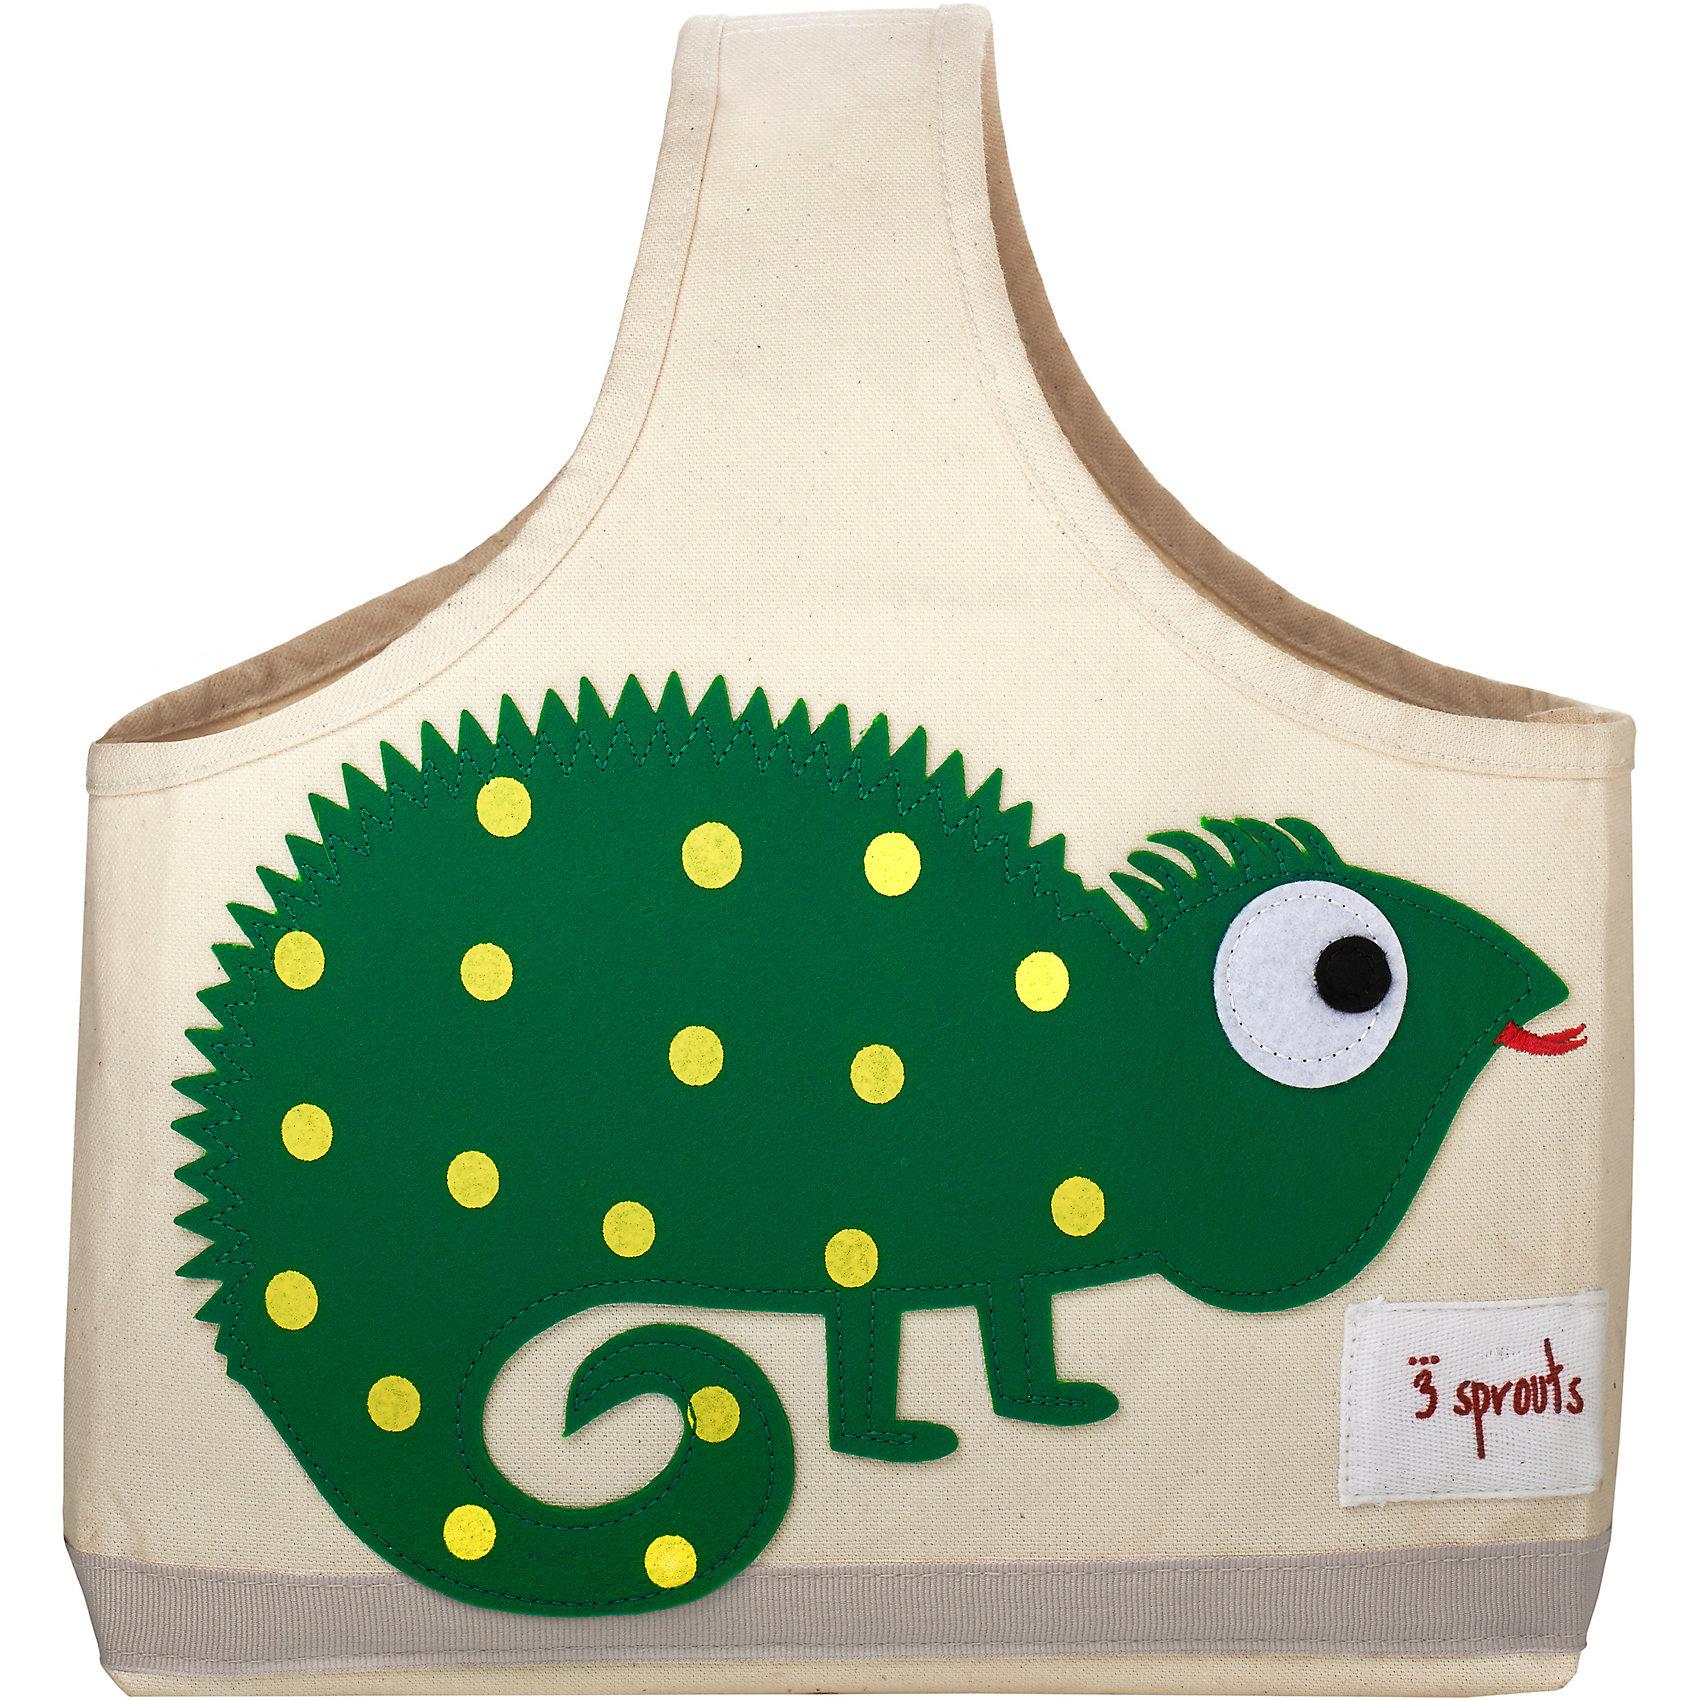 Сумочка для хранения детских принадлежностей Игуана (Green Iguana), 3 SproutsКорзины для игрушек<br>Яркая сумочка - это идеальное решение для хранения детских принадлежностей. Изготовленная из хлопкового брезента и фетра, она является прекрасным контейнером для хранения и переноски любых детских принадлежностей.<br><br>Дополнительная информация:<br><br>- Размер: 38x30x14 см.<br>- Материал: хлопок, фетр, полиэстер.<br>- Орнамент: Игуана.<br><br>Купить сумочку для хранения детских принадлежностей Игуана (Green Iguana), можно в нашем магазине.<br><br>Ширина мм: 320<br>Глубина мм: 240<br>Высота мм: 20<br>Вес г: 234<br>Возраст от месяцев: 6<br>Возраст до месяцев: 84<br>Пол: Унисекс<br>Возраст: Детский<br>SKU: 5098235